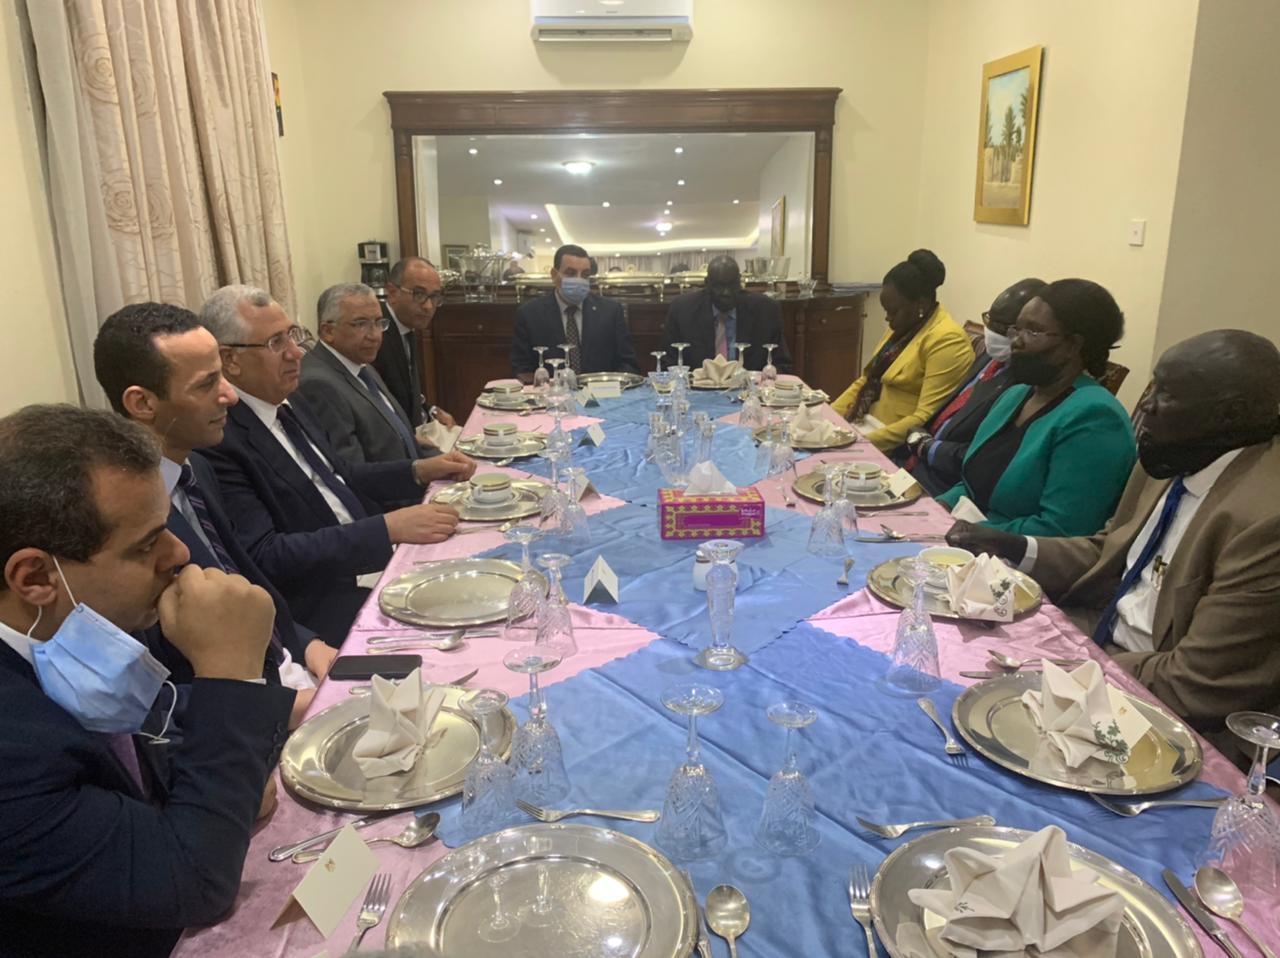 وزير الزراعة يبحث في جوبا آفاق التعاون الزراعي بين مصر وجنوب السودان